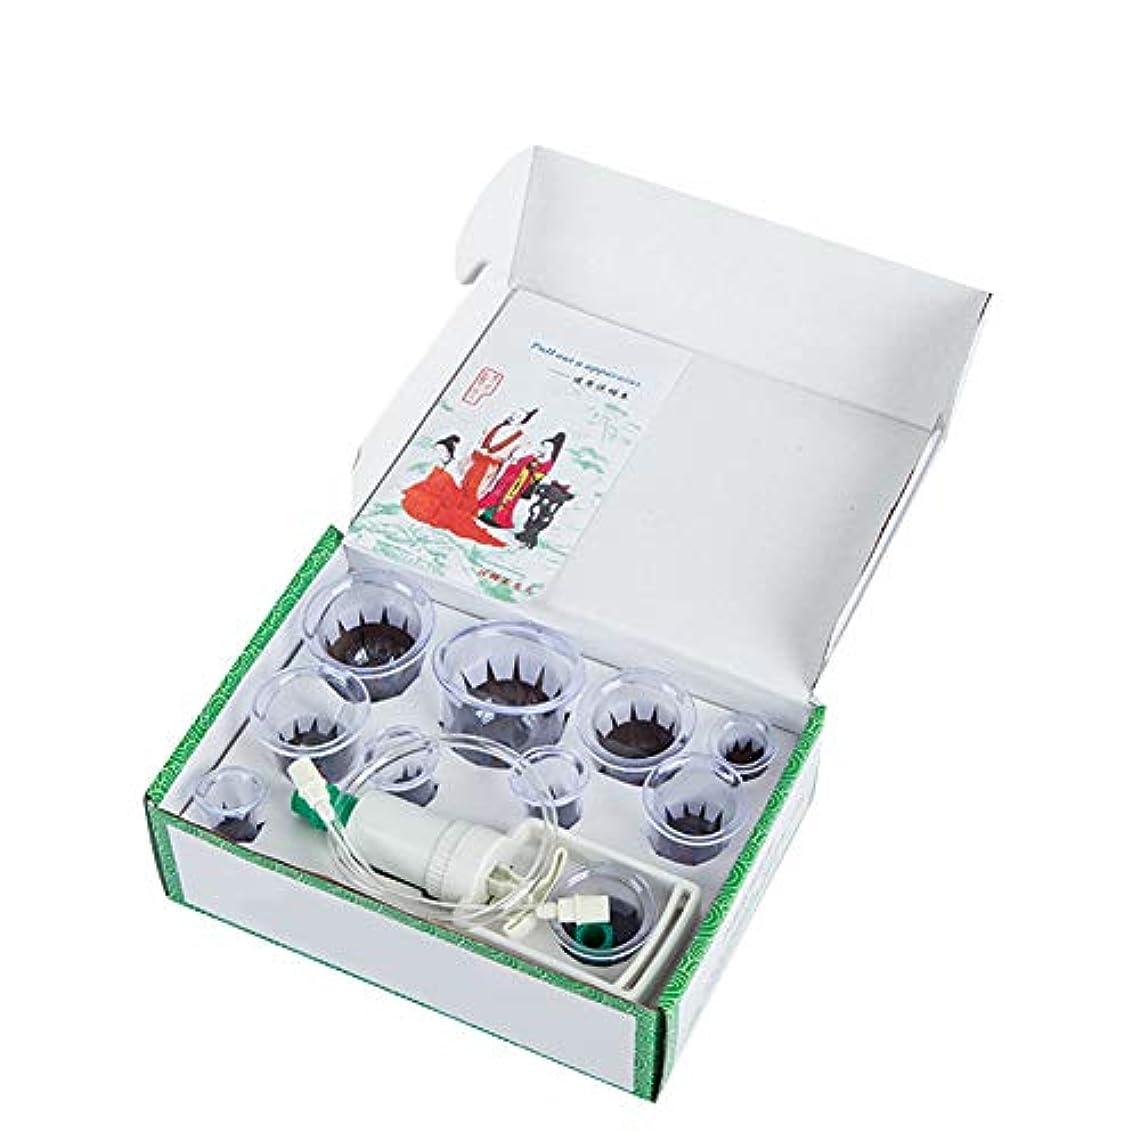 ピクニックをする干し草扇動10カップカッピングセットプラスチック、真空吸引中国式ツボ療法、ポンプ付きホーム、ボディマッサージ鎮痛理学療法排泄毒素